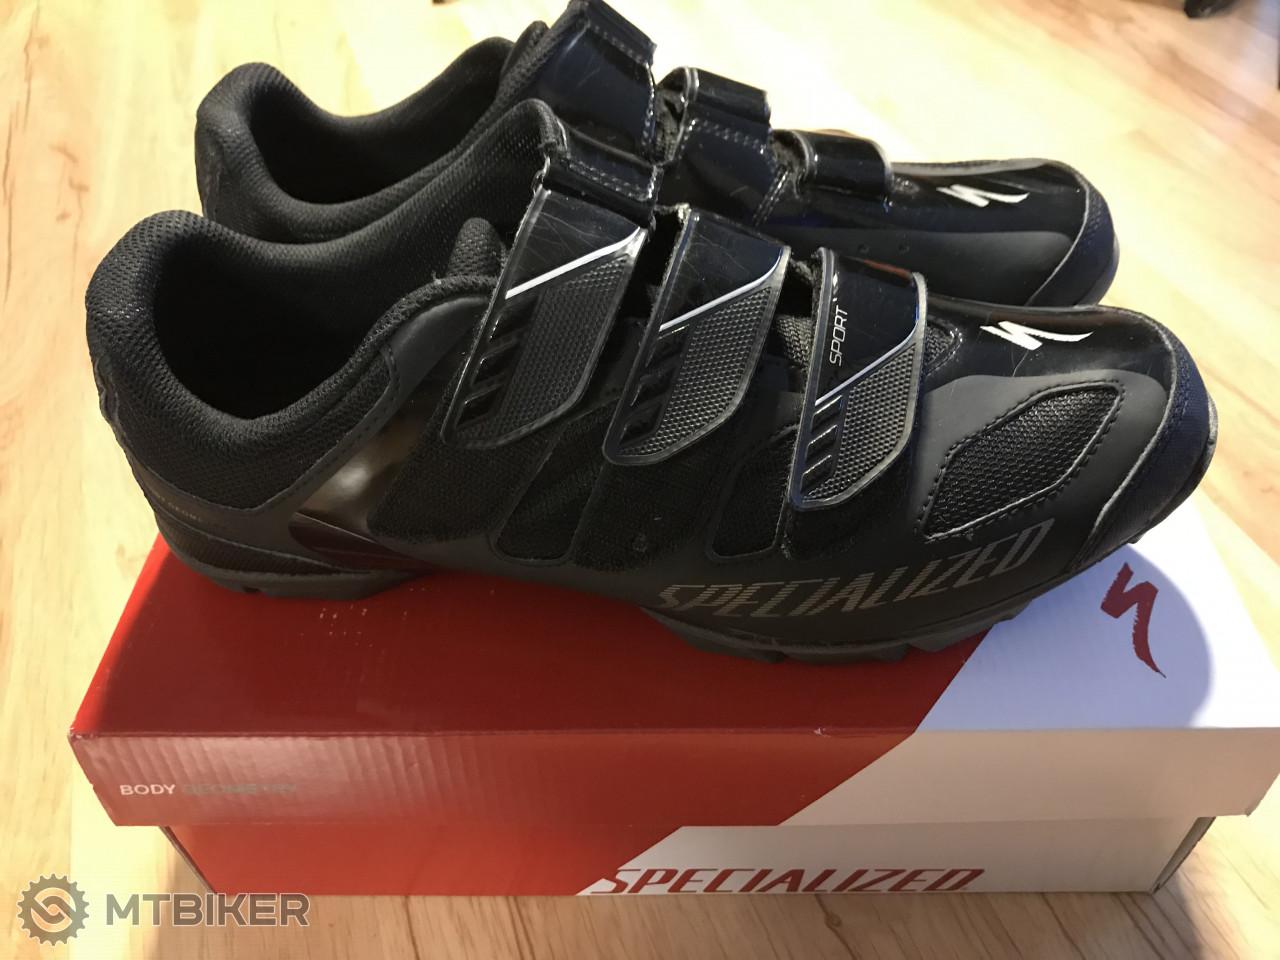 5bf6dc4bdb60a Specialized Sport Mtb Black Tretry, Veľkosť 44 - Príslušenstvo - Tretry - Bazár  MTBIKER